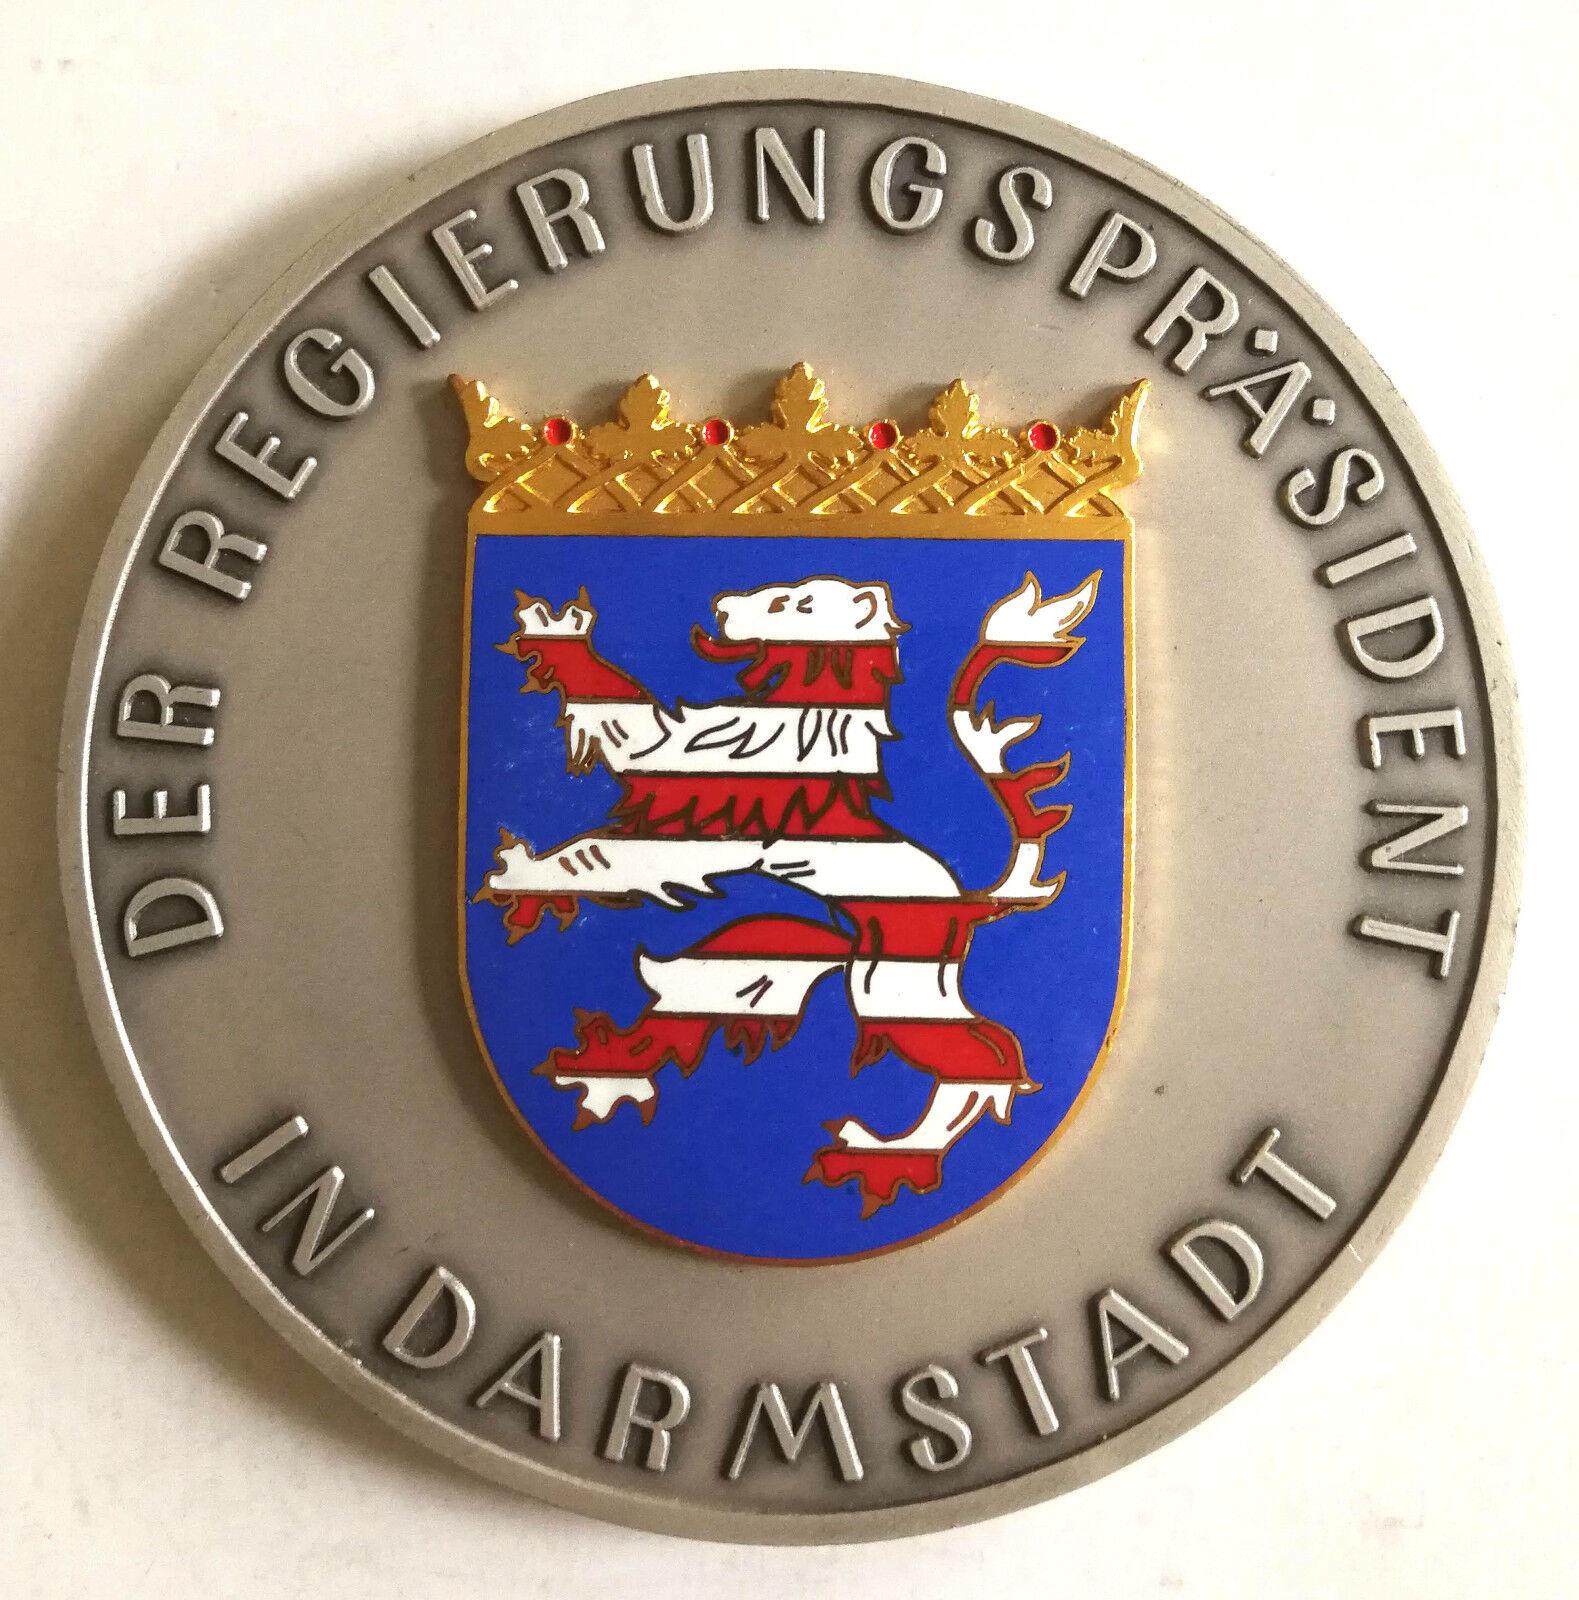 Medaille Regierungspräsident Darmstadt Sport Leistungen schwer massiv Sammler     | Qualifizierte Herstellung